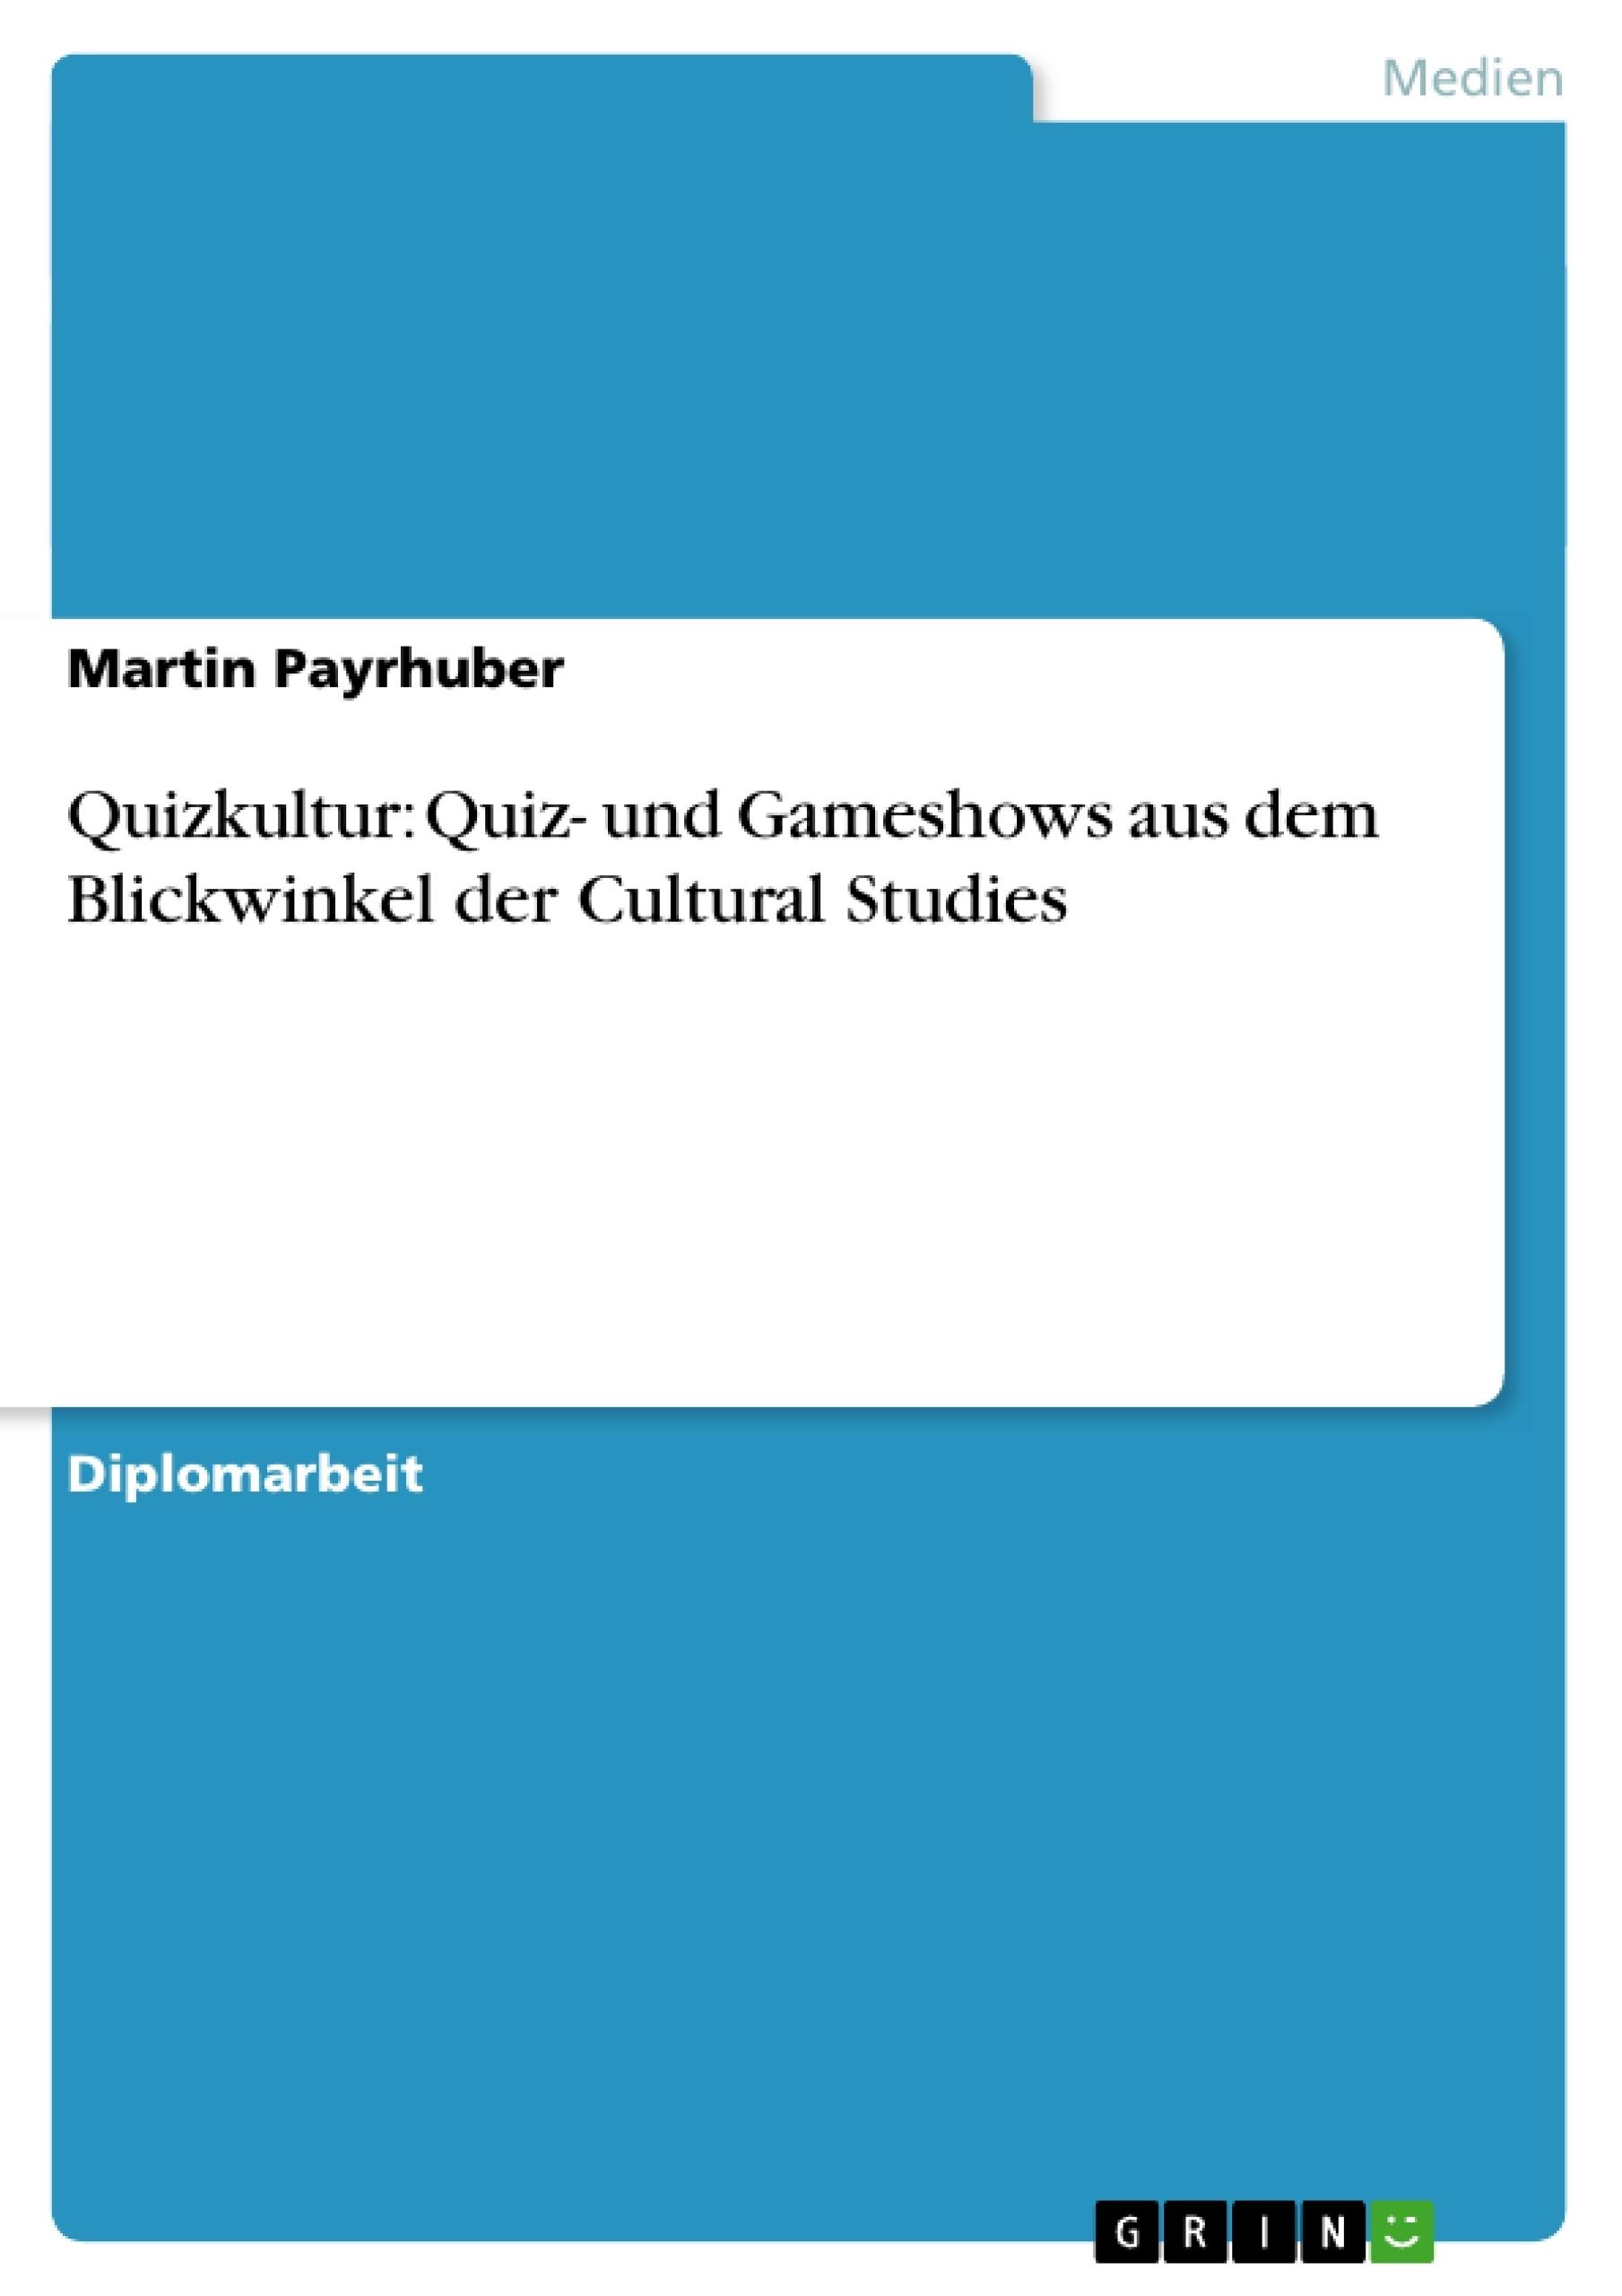 Titel: Quizkultur: Quiz- und Gameshows aus dem Blickwinkel der Cultural Studies